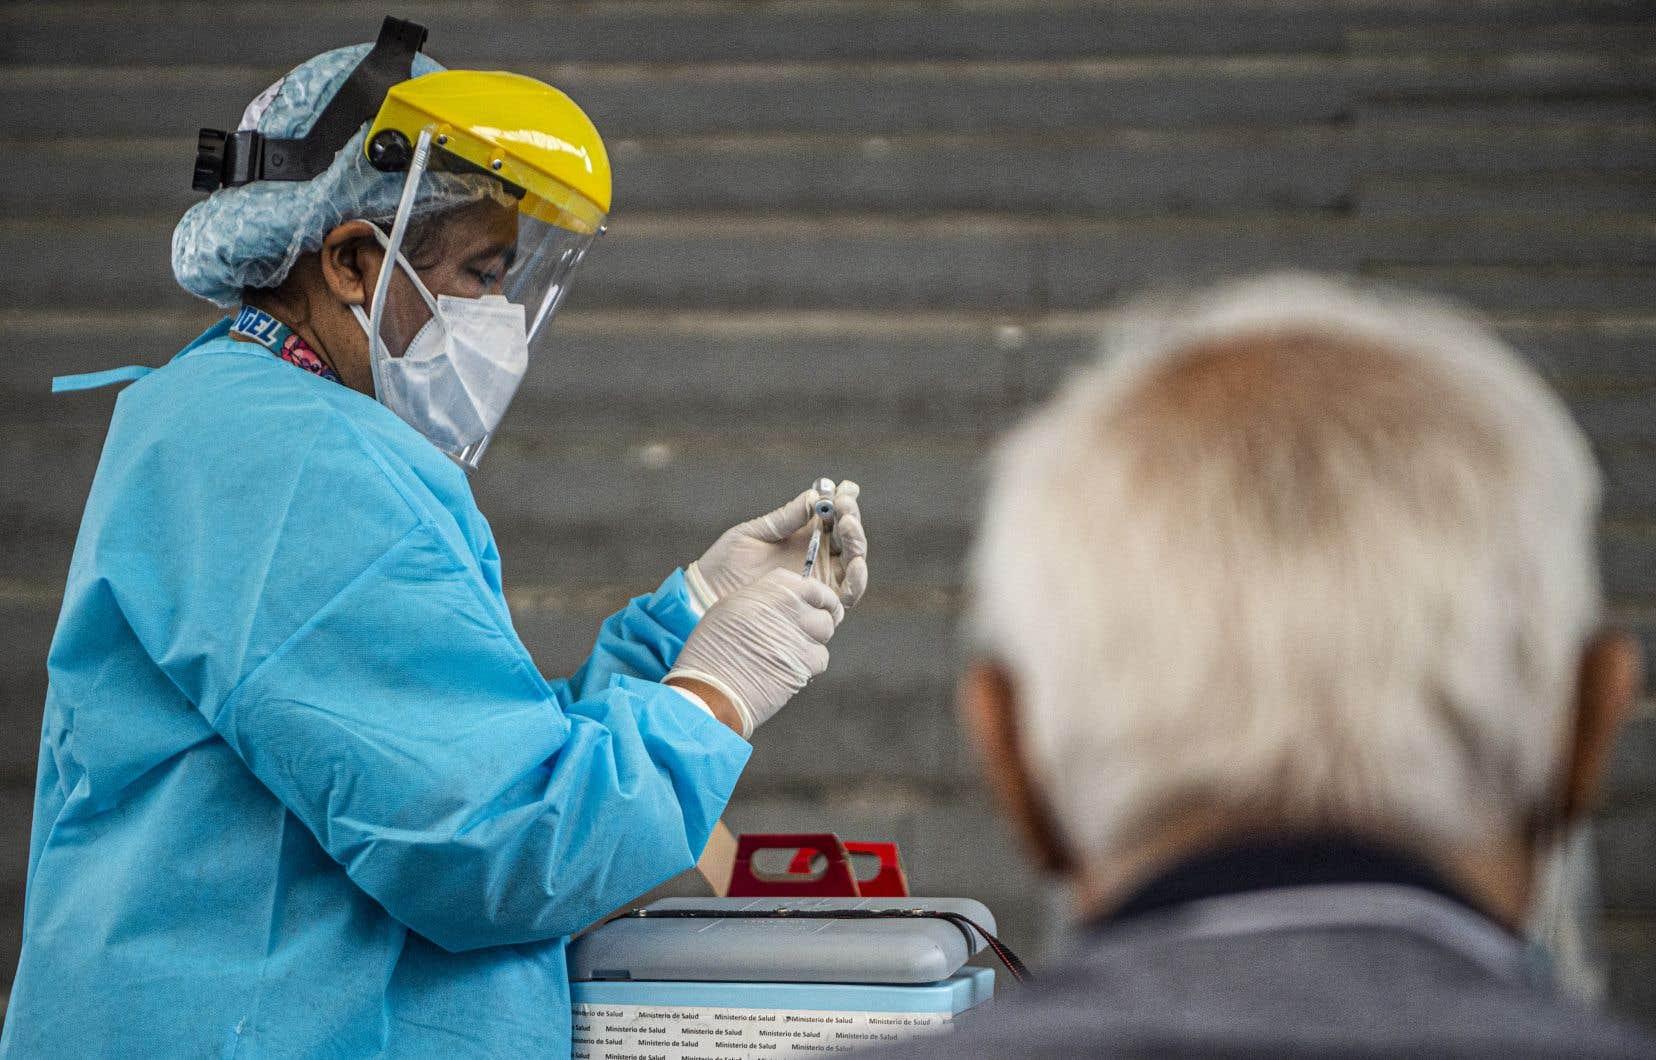 Le Pérou, qui compte 33millions d'habitants, a enregistré quelque 1,8million cas de coronavirus et plus de 64000 décès jusqu'à maintenant.